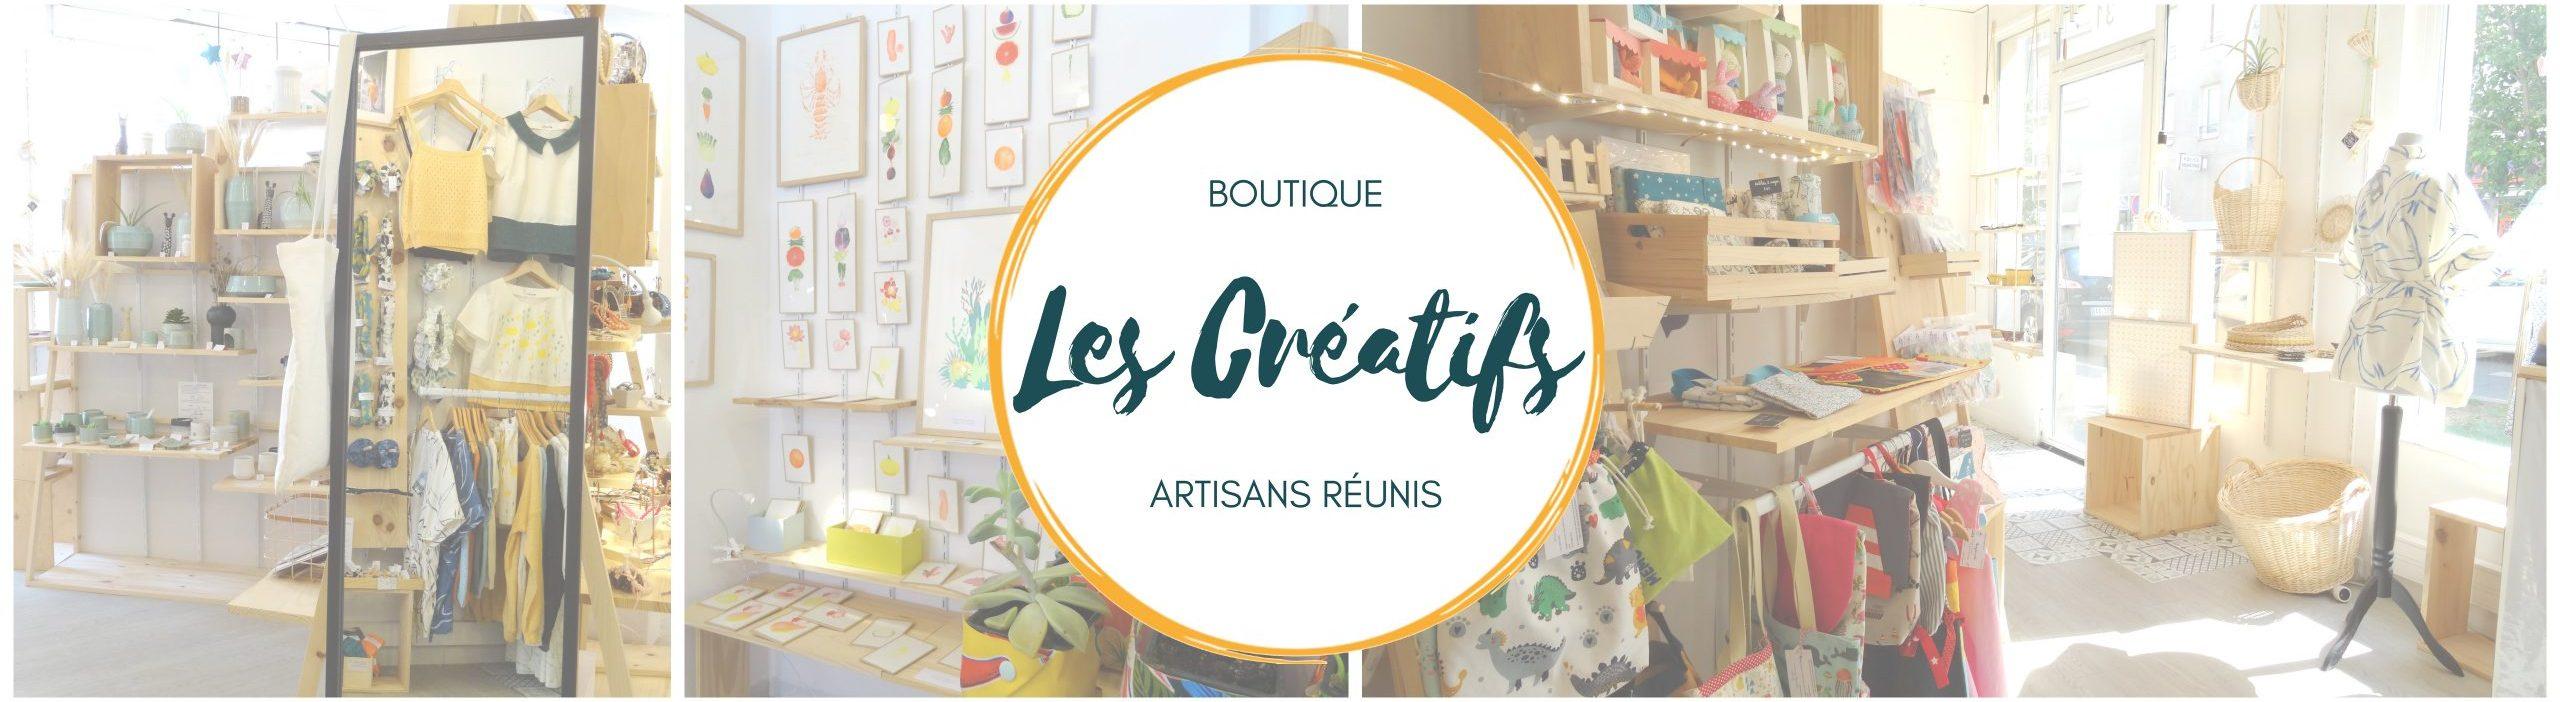 Les Creatifs - Lyon